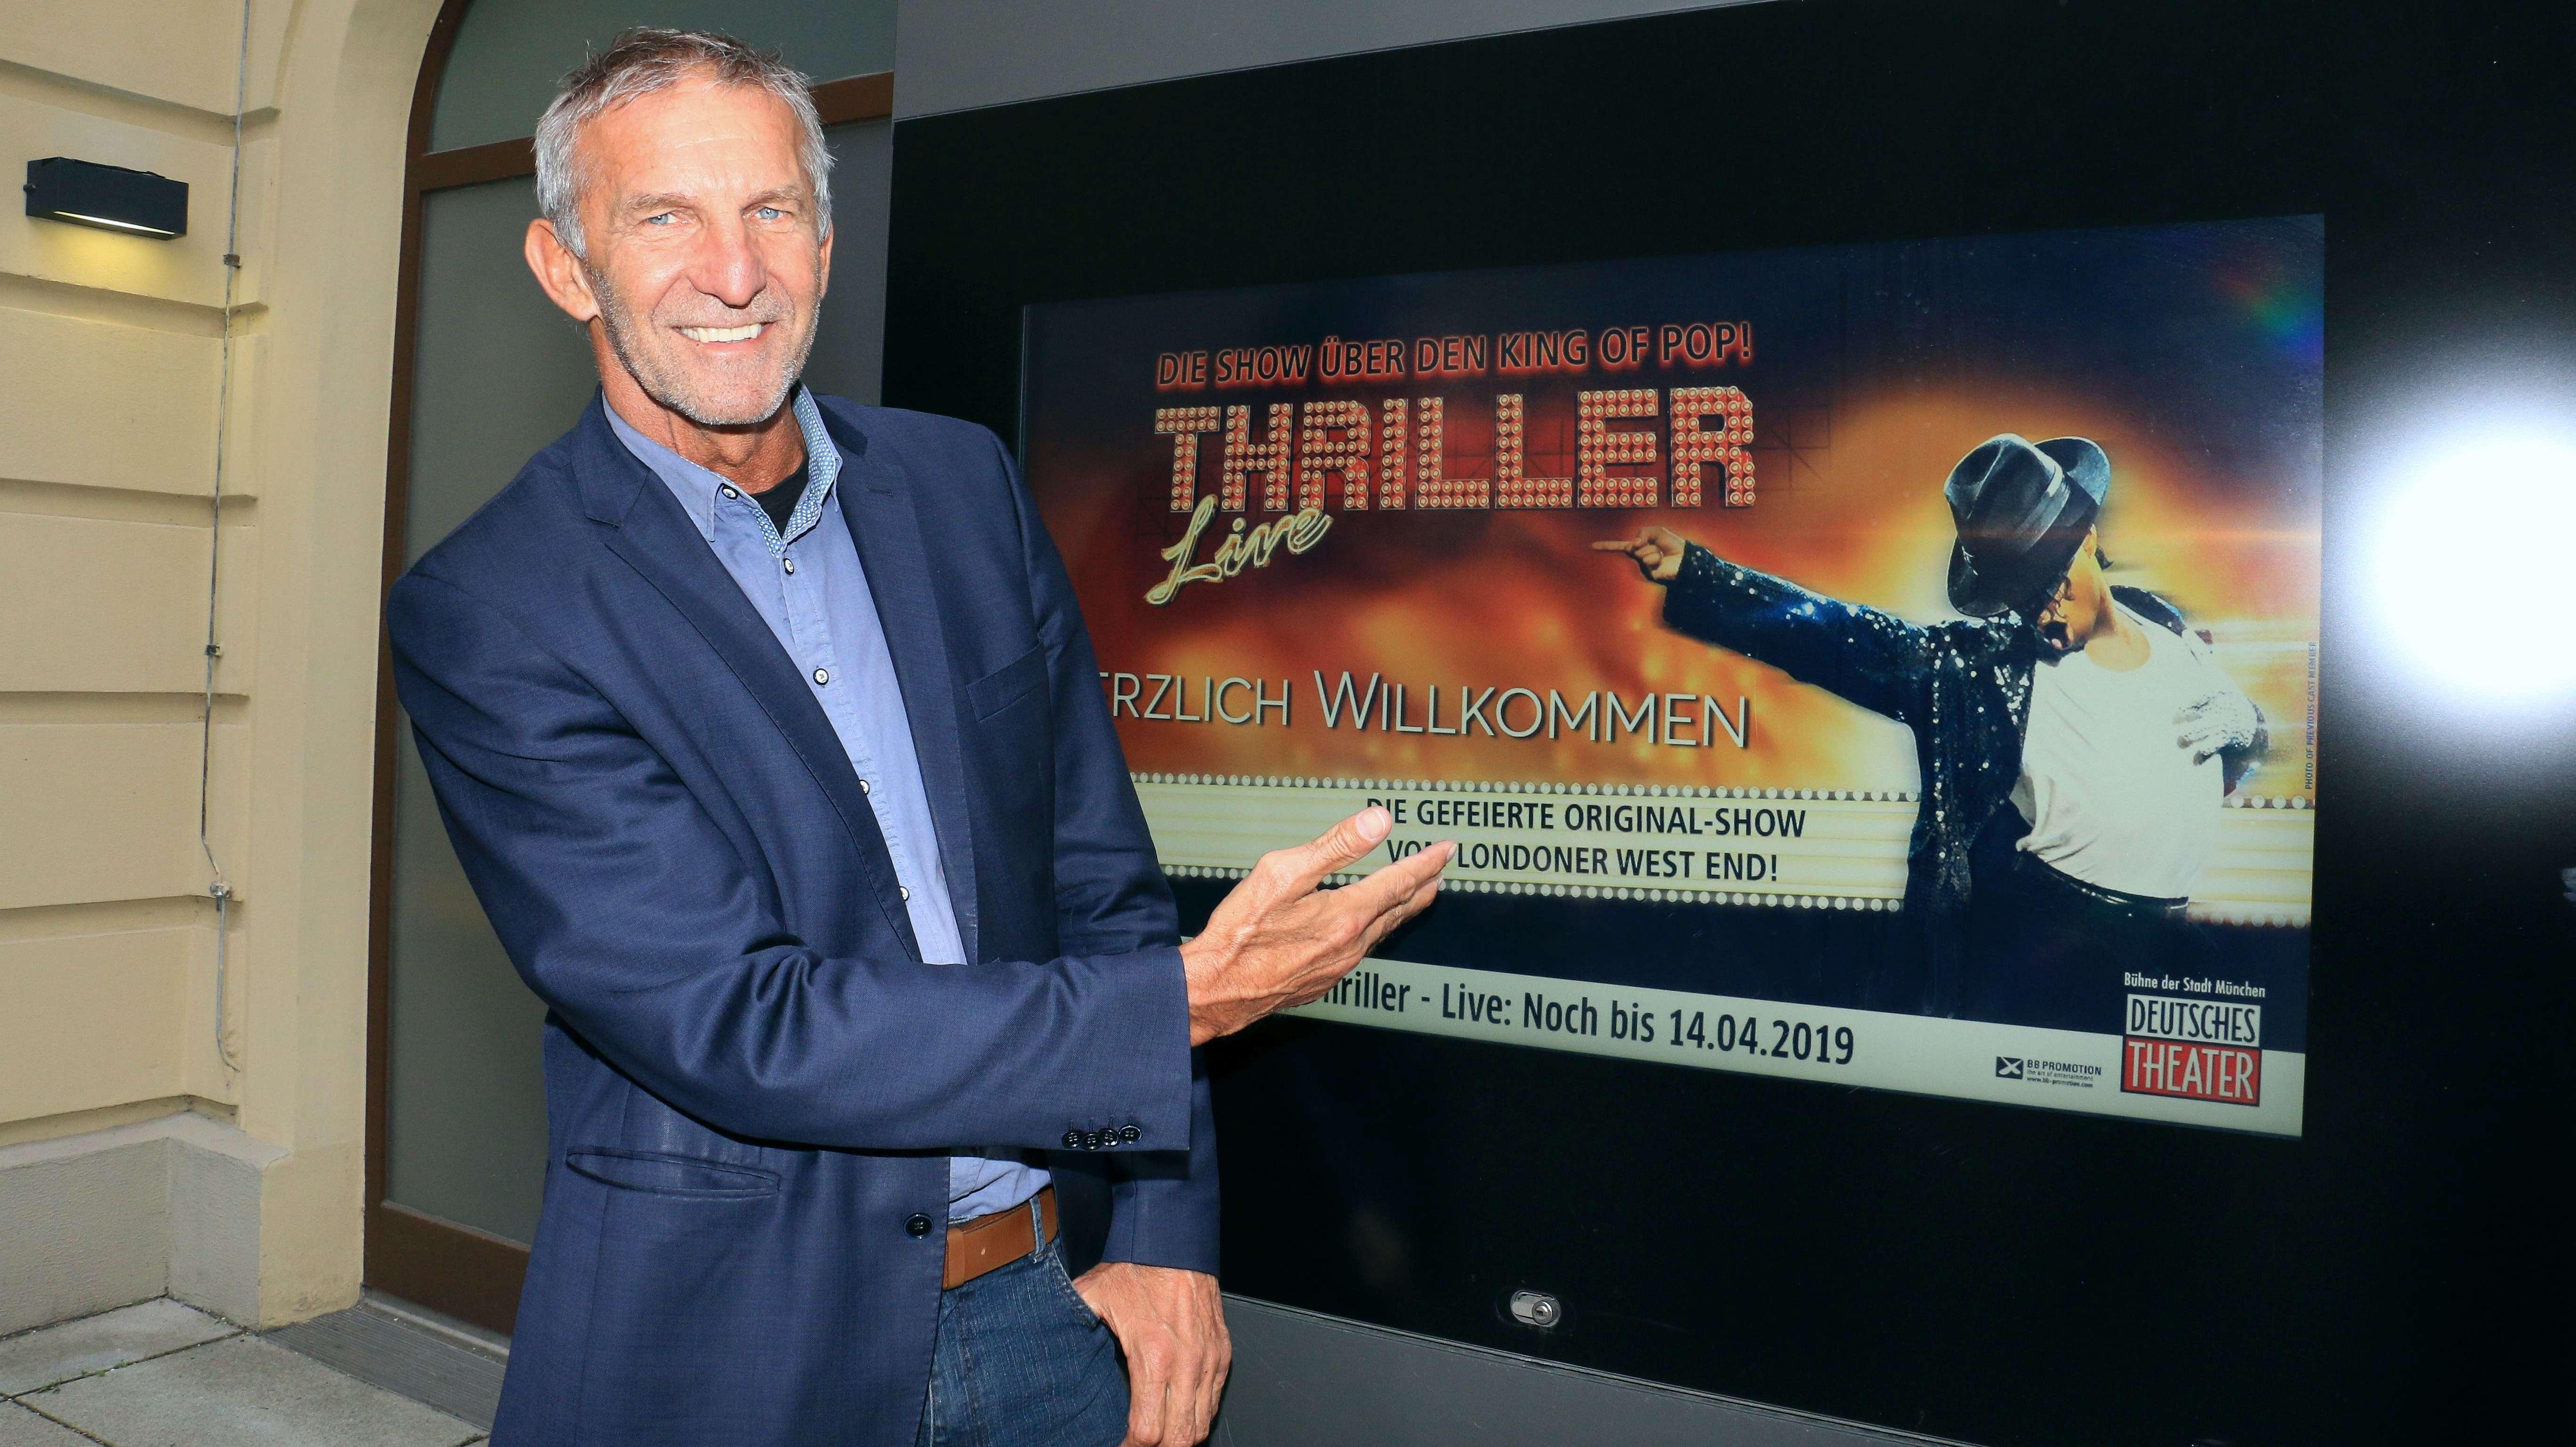 Geschäftsführer des Deutschen Theaters vor Werbeplakat